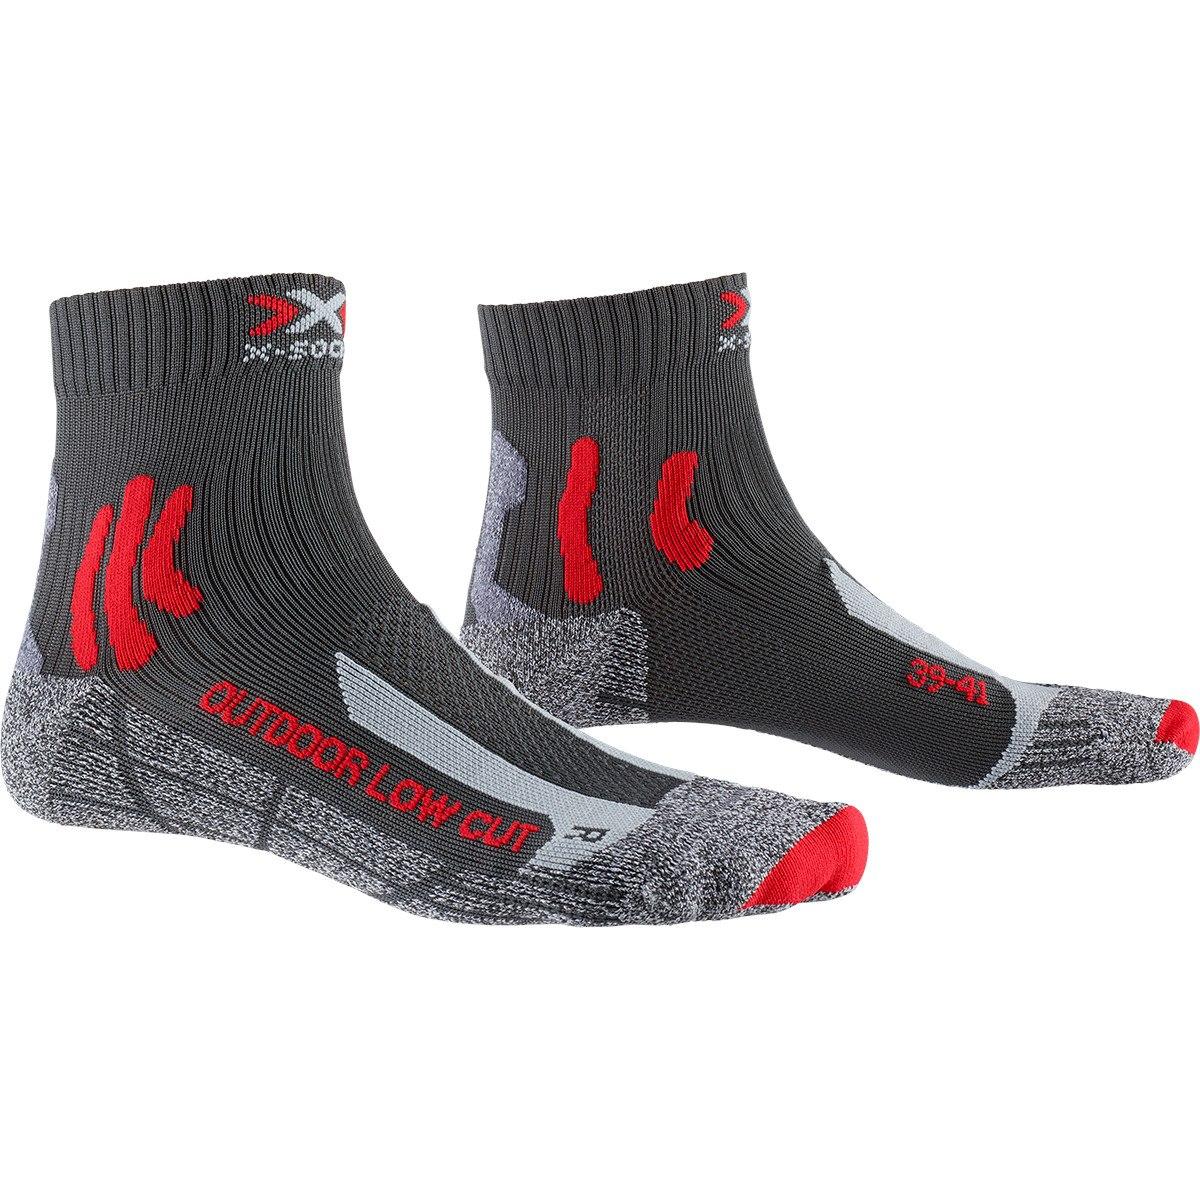 X-Socks Trek Outdoor Low Cut Socken - anthracite/red